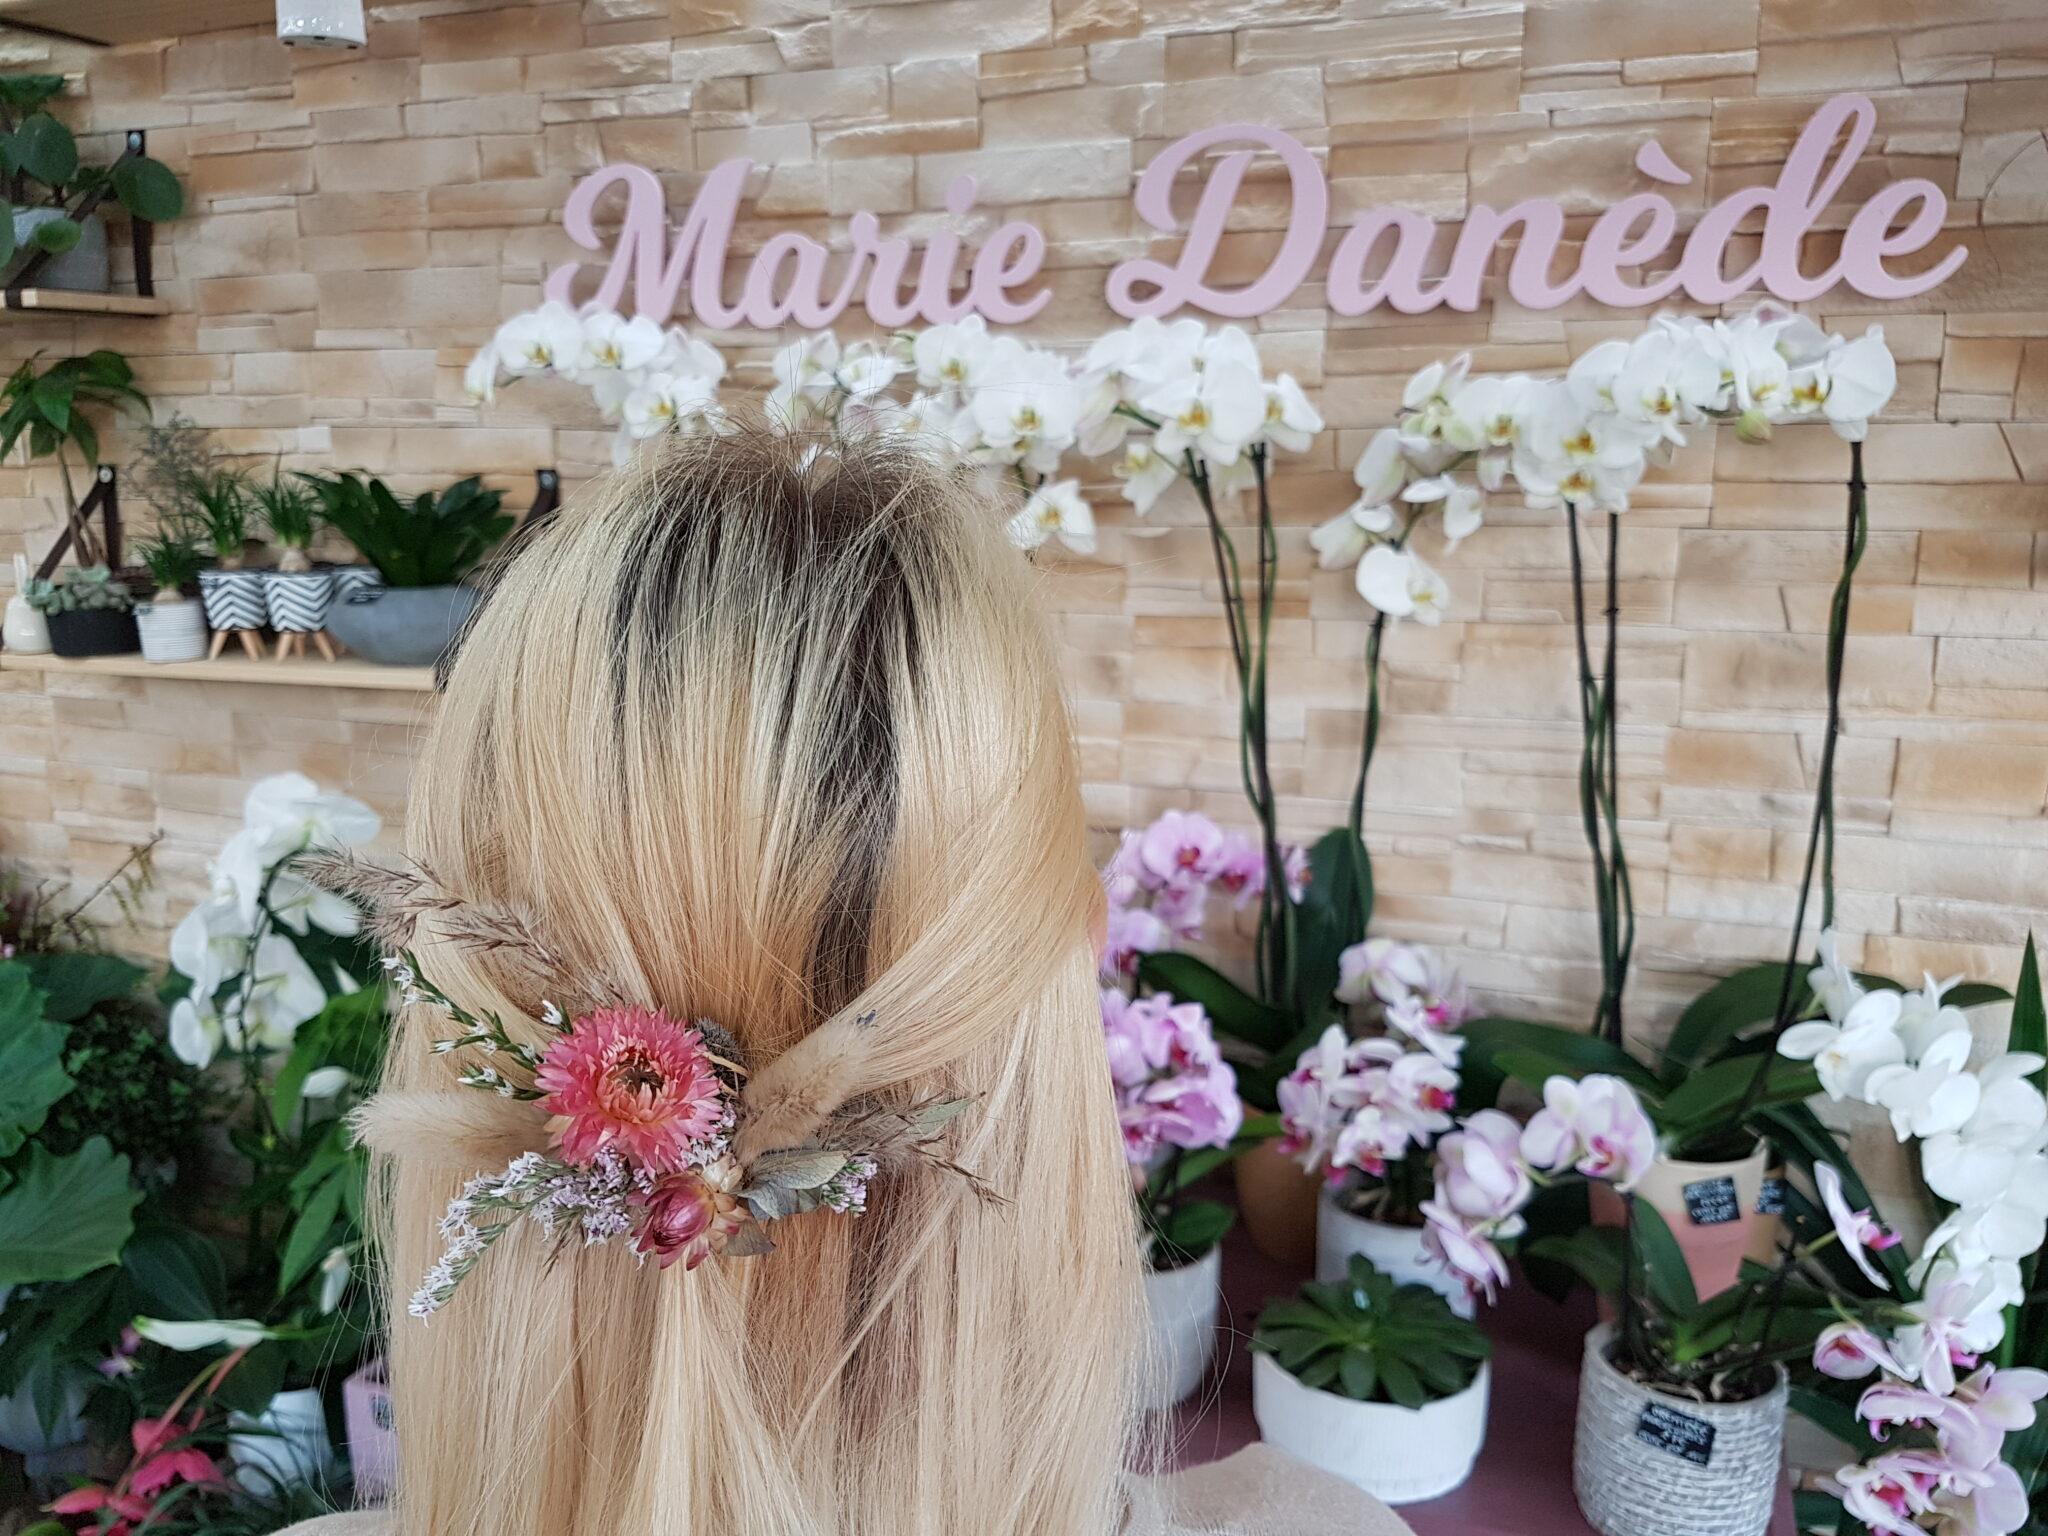 Champêtre et romantique...Barrette réalisée avec des fleurs séchées pour un mariage... [https://www.mariedanede.fr/blog/realisations/barrette-champetre-et-romantique/]